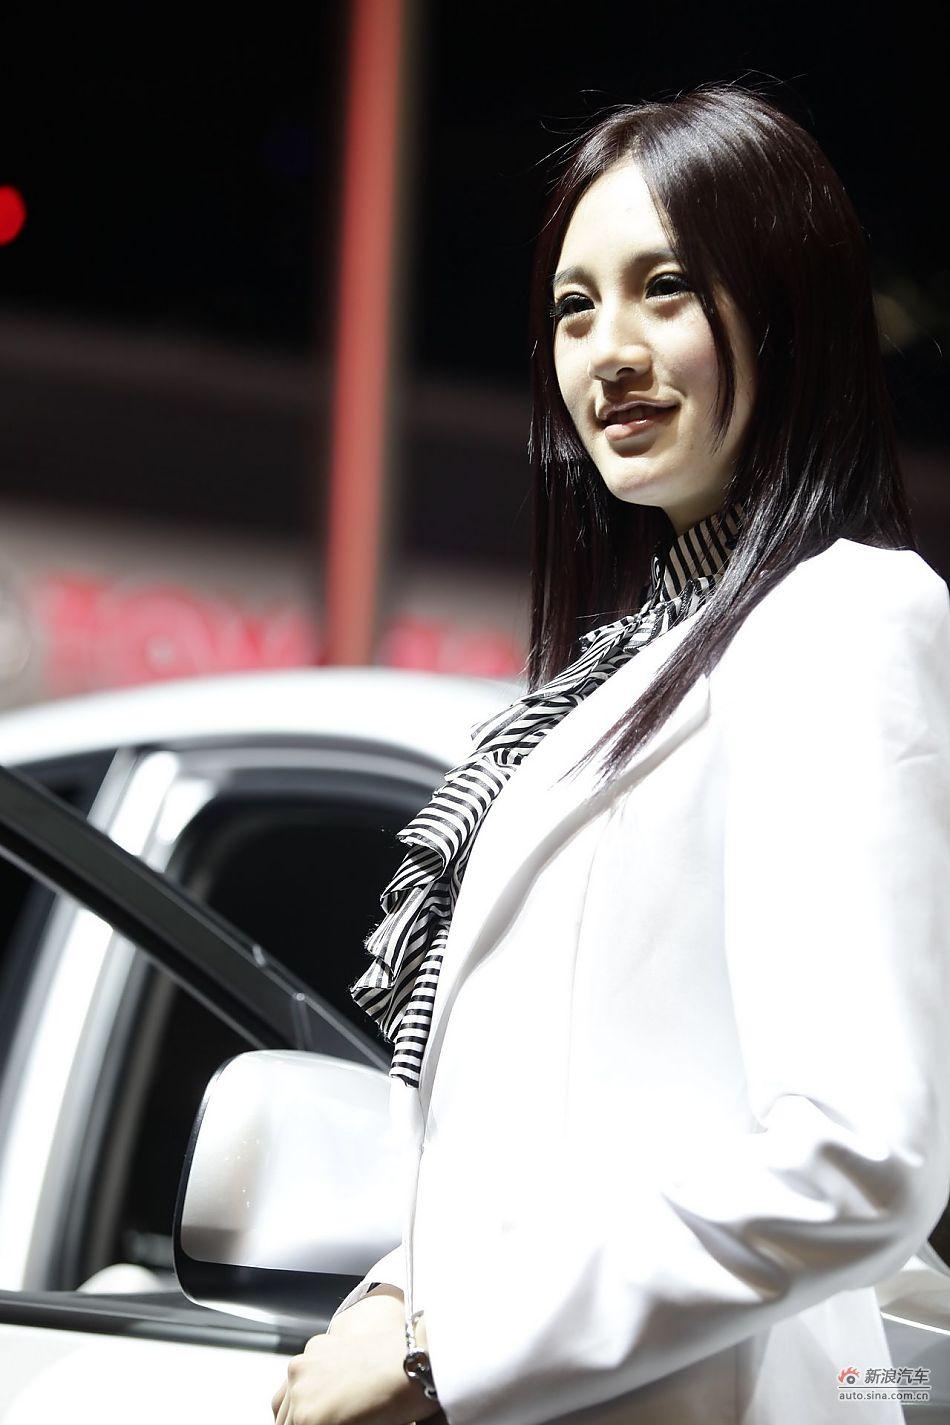 丰田展台7号模特